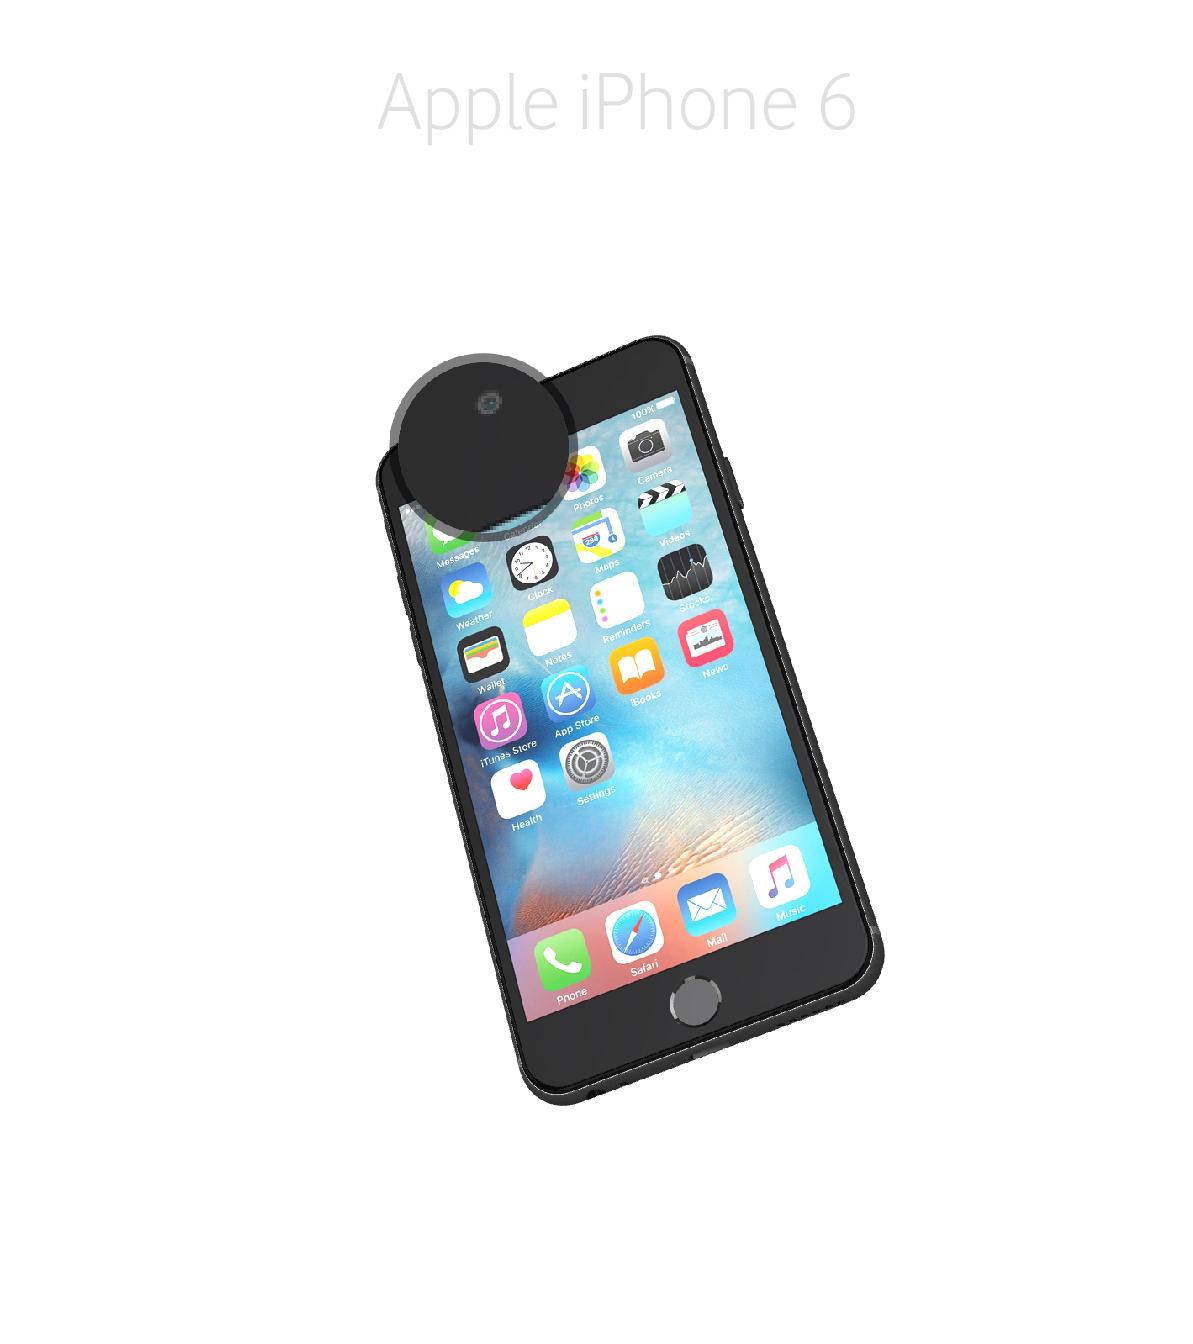 Laga ljussensor iPhone 6